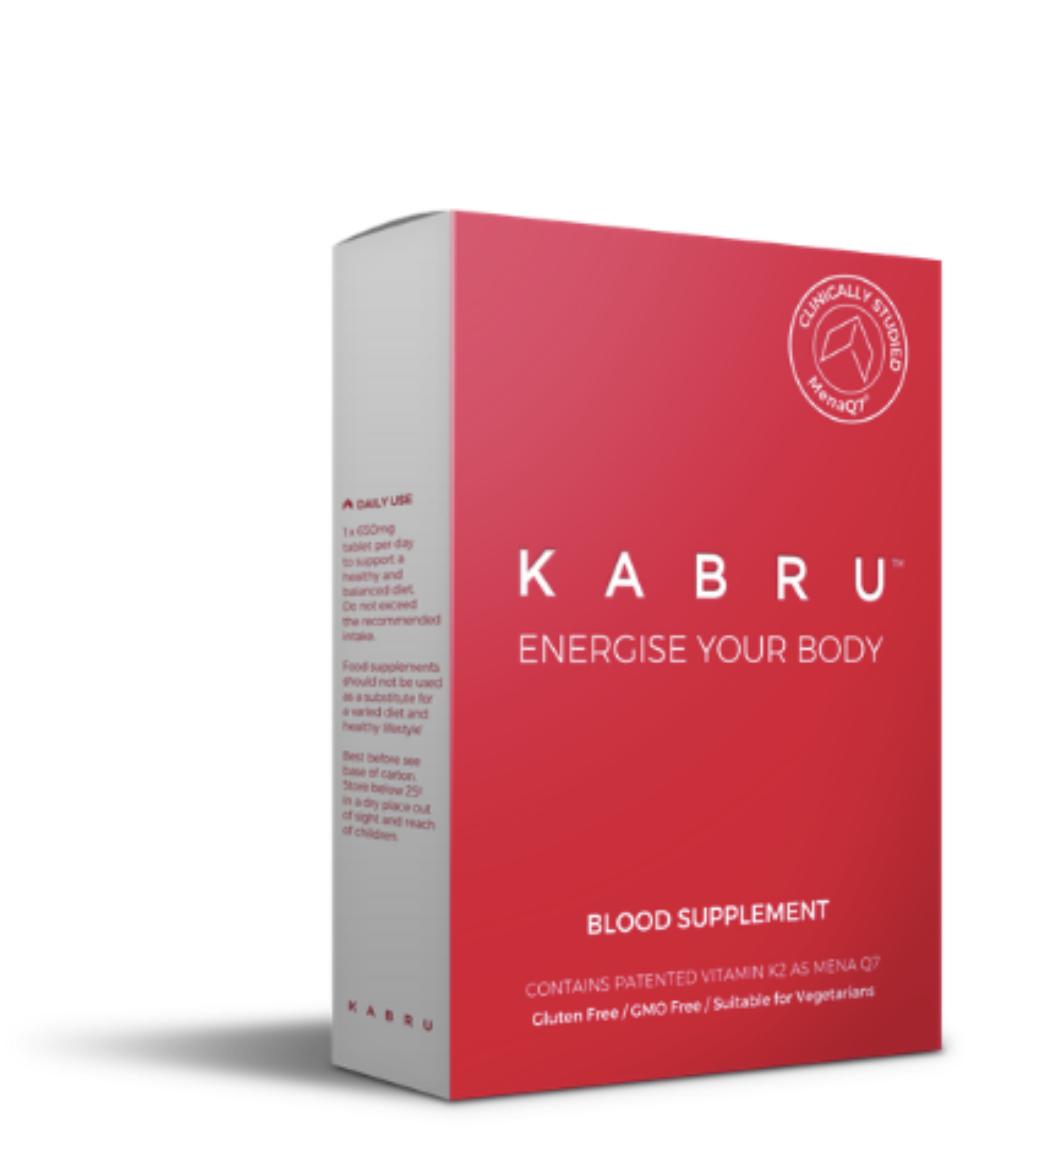 Kabru Blood Supplement - 30 Tablets.png